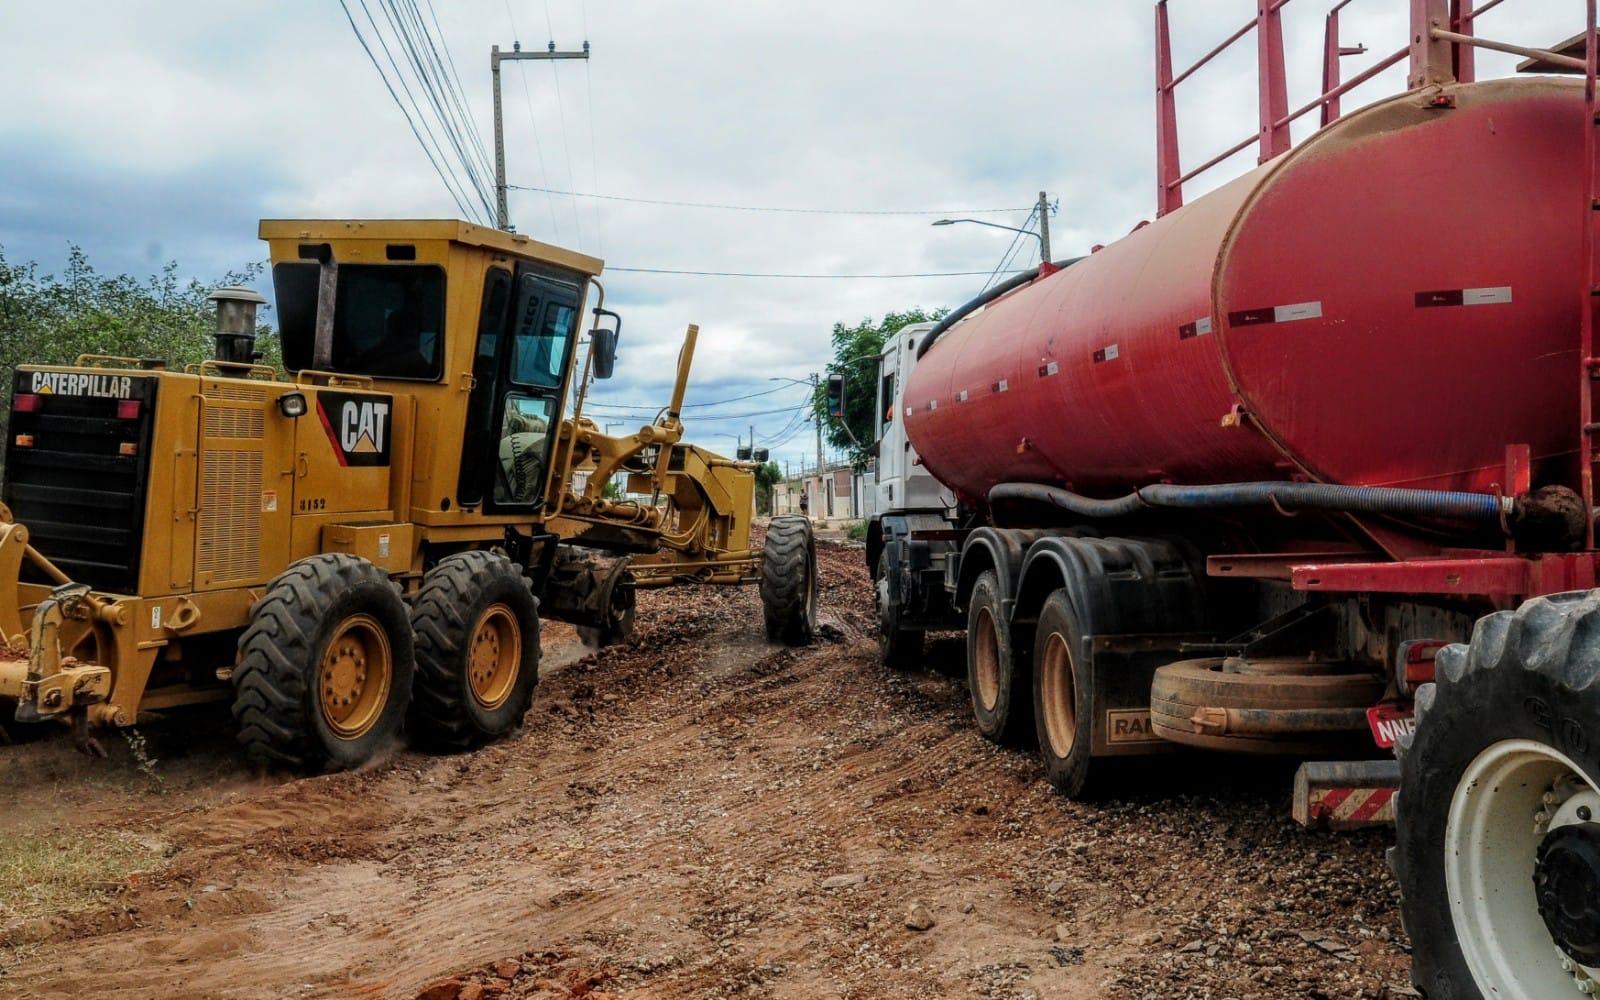 Prefeitura inicia programa Asfalto no Bairro com investimento de 20 milhões de reais